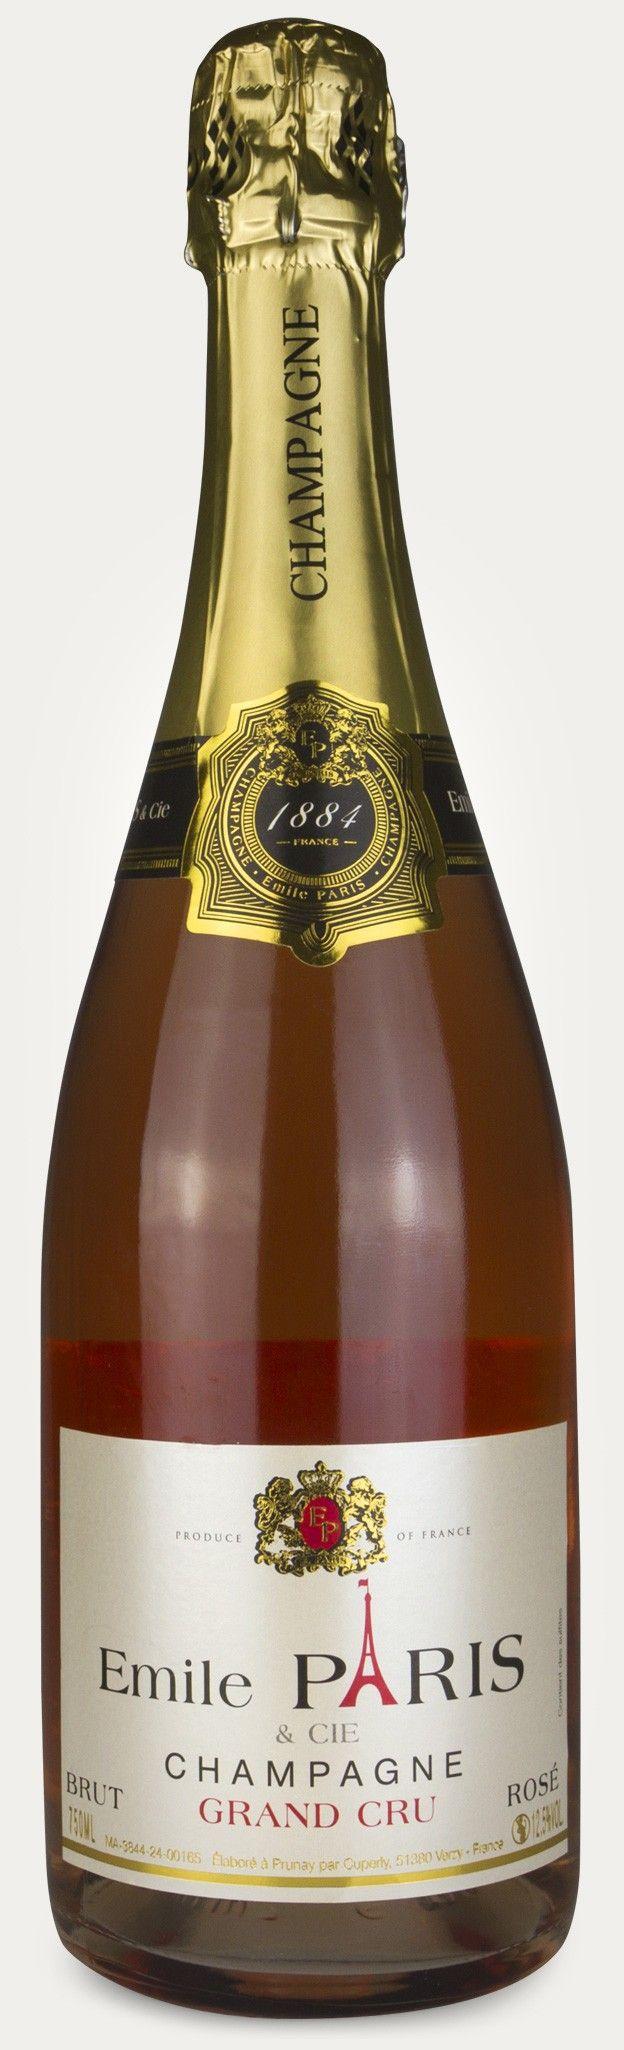 Emile Paris Grand Cru Rosé BrutPris: 328,70 kr.Varenr. 7443201. Basis, polkat. 6tk 6Vil du ha ekte Champagne på nasjonaldagen? Unn deg denne. Emile Paris er et virkelig godt kjøp. Rosé-sjampis pleier å være langt dyrere. Dufter av bringebær og jord. Flott skum, med en tydelig ettersmak av bringebær og lime som ligger lenge på tungen.